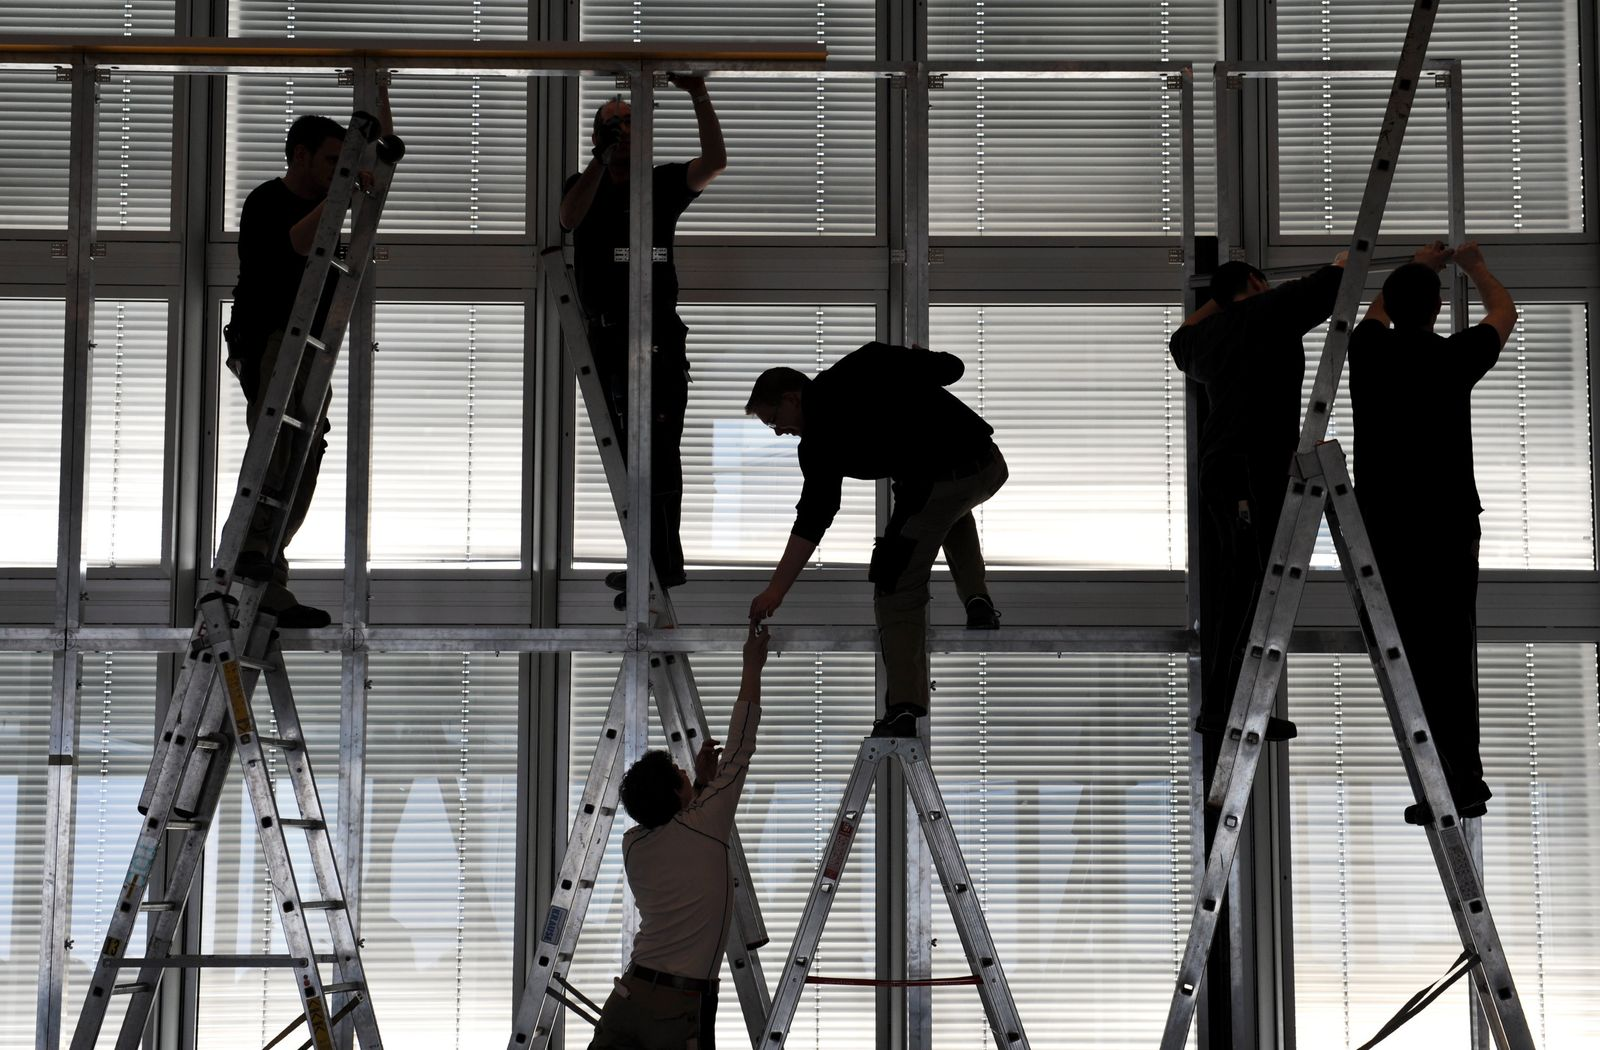 Handwerk/ Azubi Symbolbild Arbeitsmarkt / Arbeiter